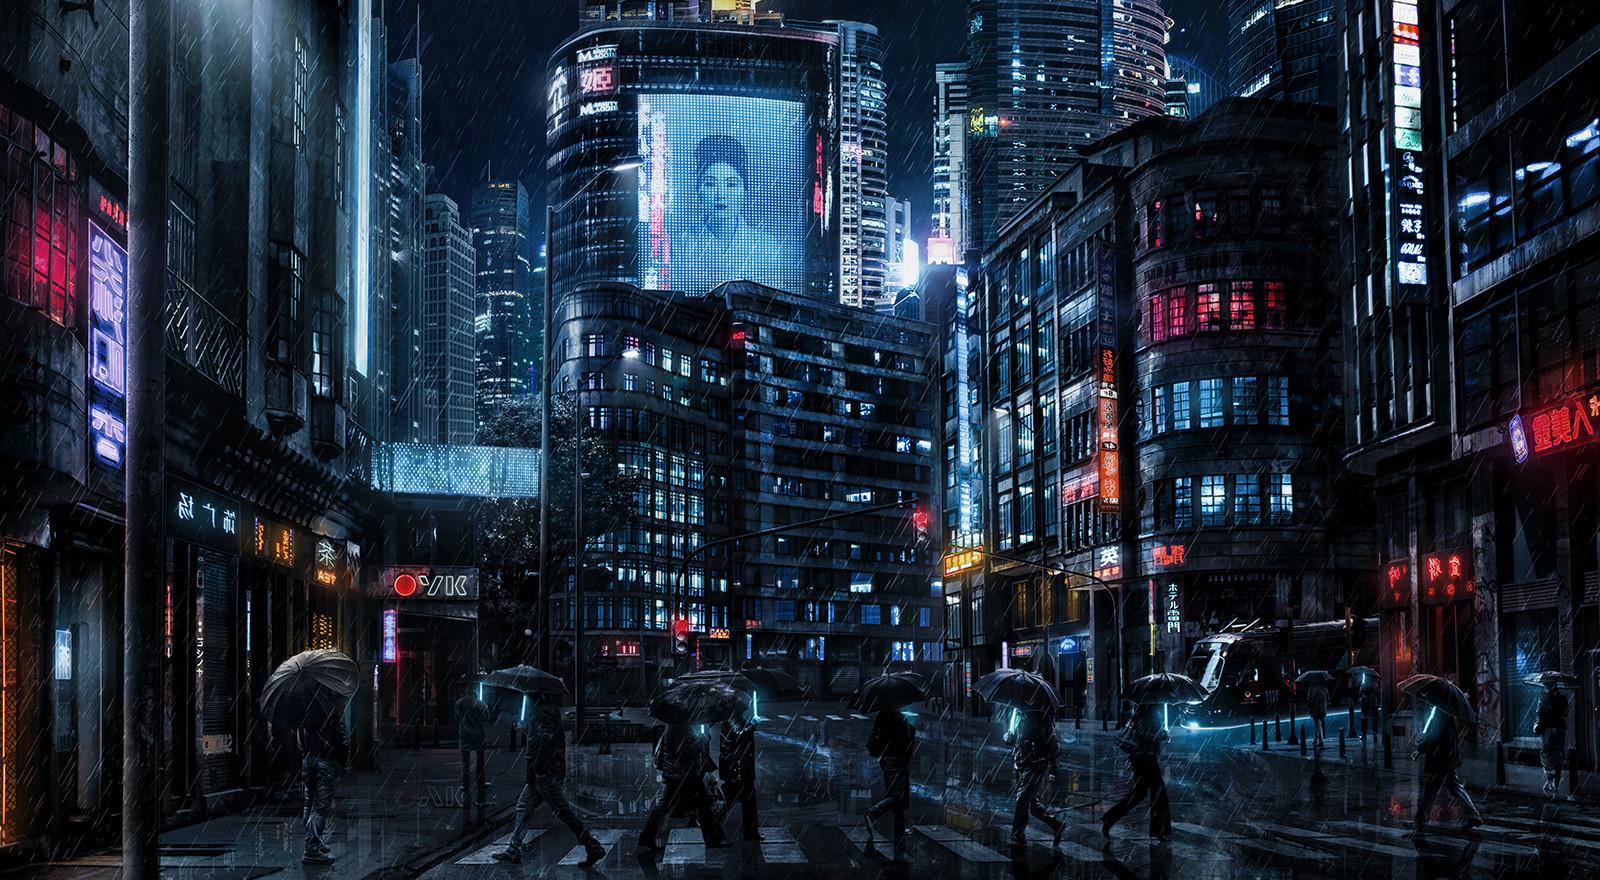 General 1600x880 Dark Cyberpunk cyber movies cyberpunk Blade Runner rain